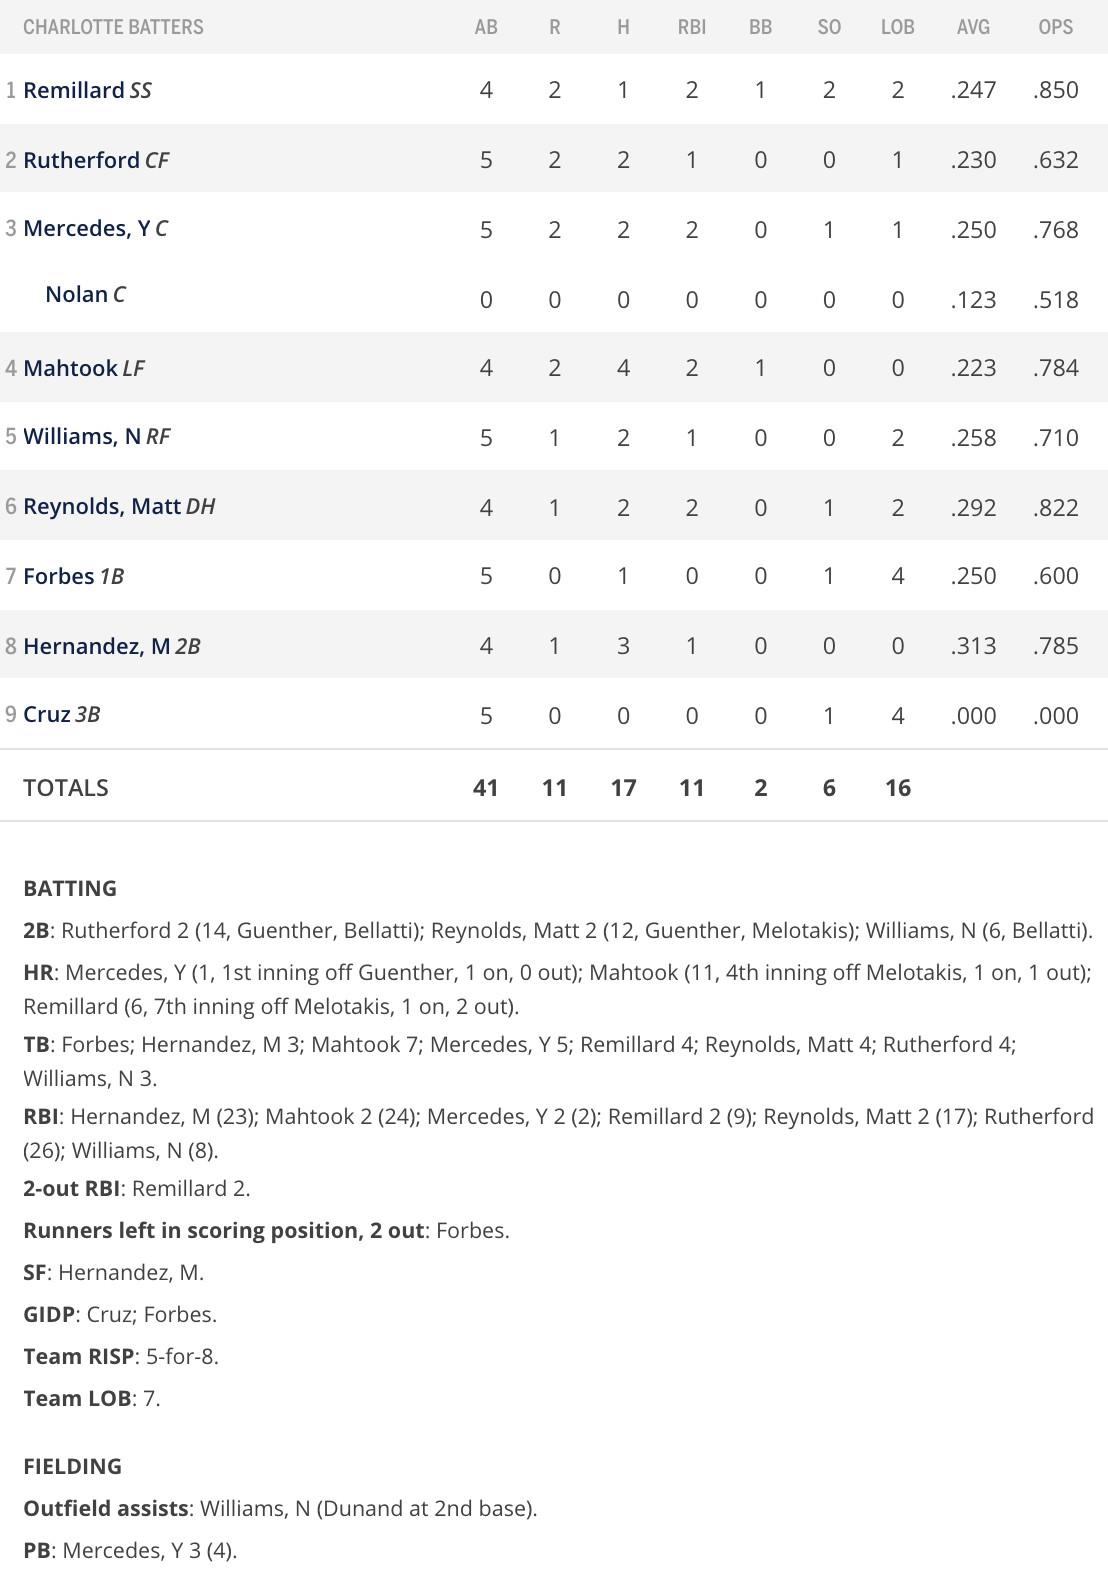 Batter box score